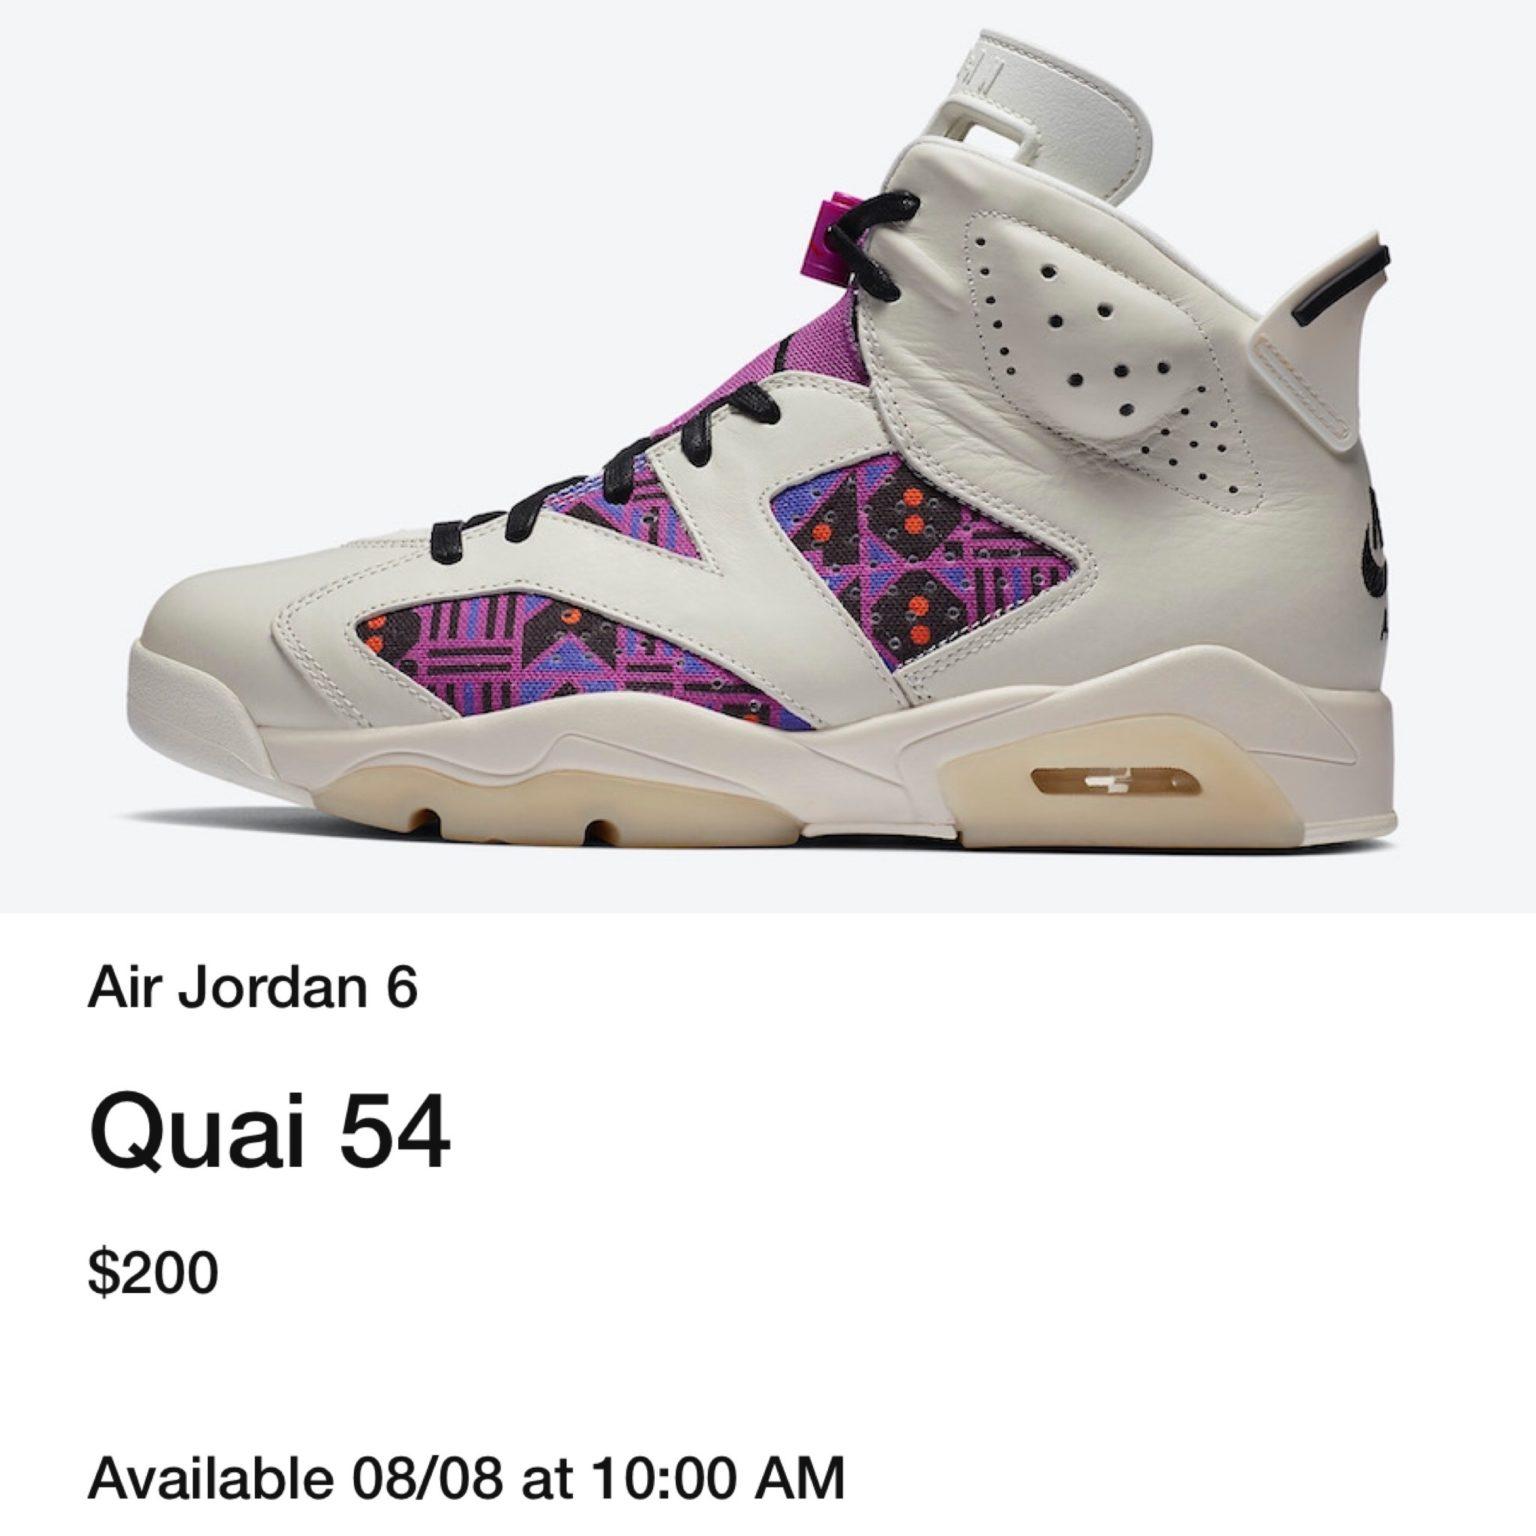 Air Jordan 6 Quai 54 CZ4152-101